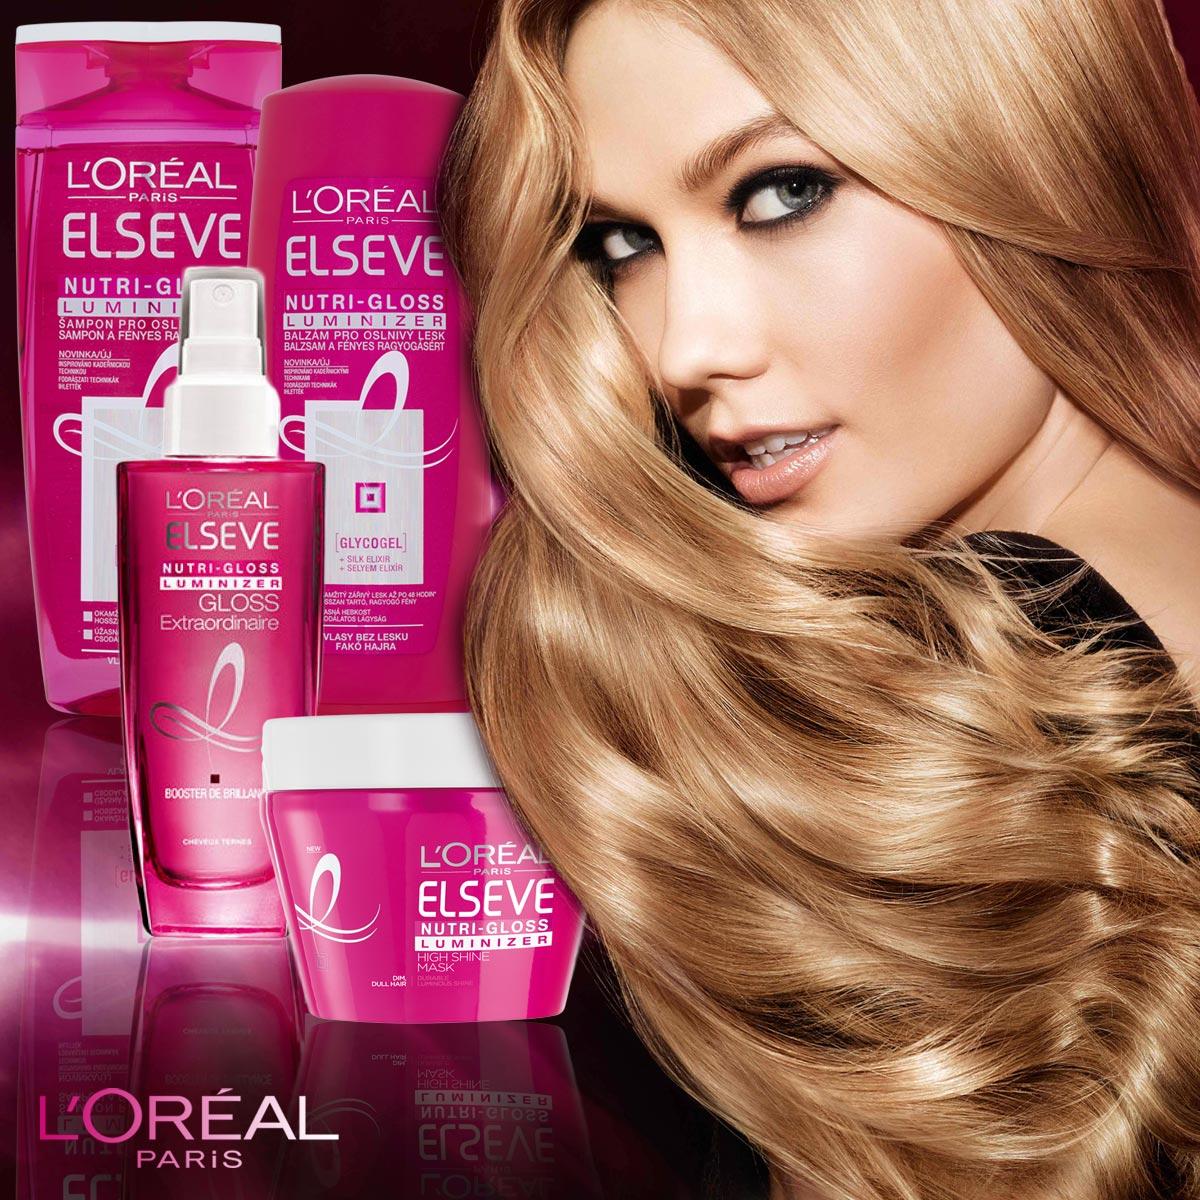 L'Oréal Paris přišel s novou kosmetikou pro lesk vlasů – Nutri-Gloss Luminizer.